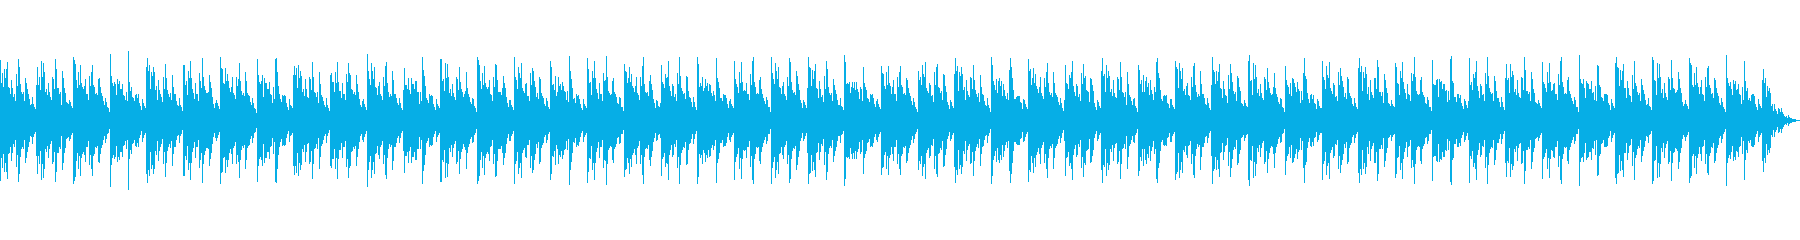 古いフィルムやラジオ lofiピアノの再生済みの波形